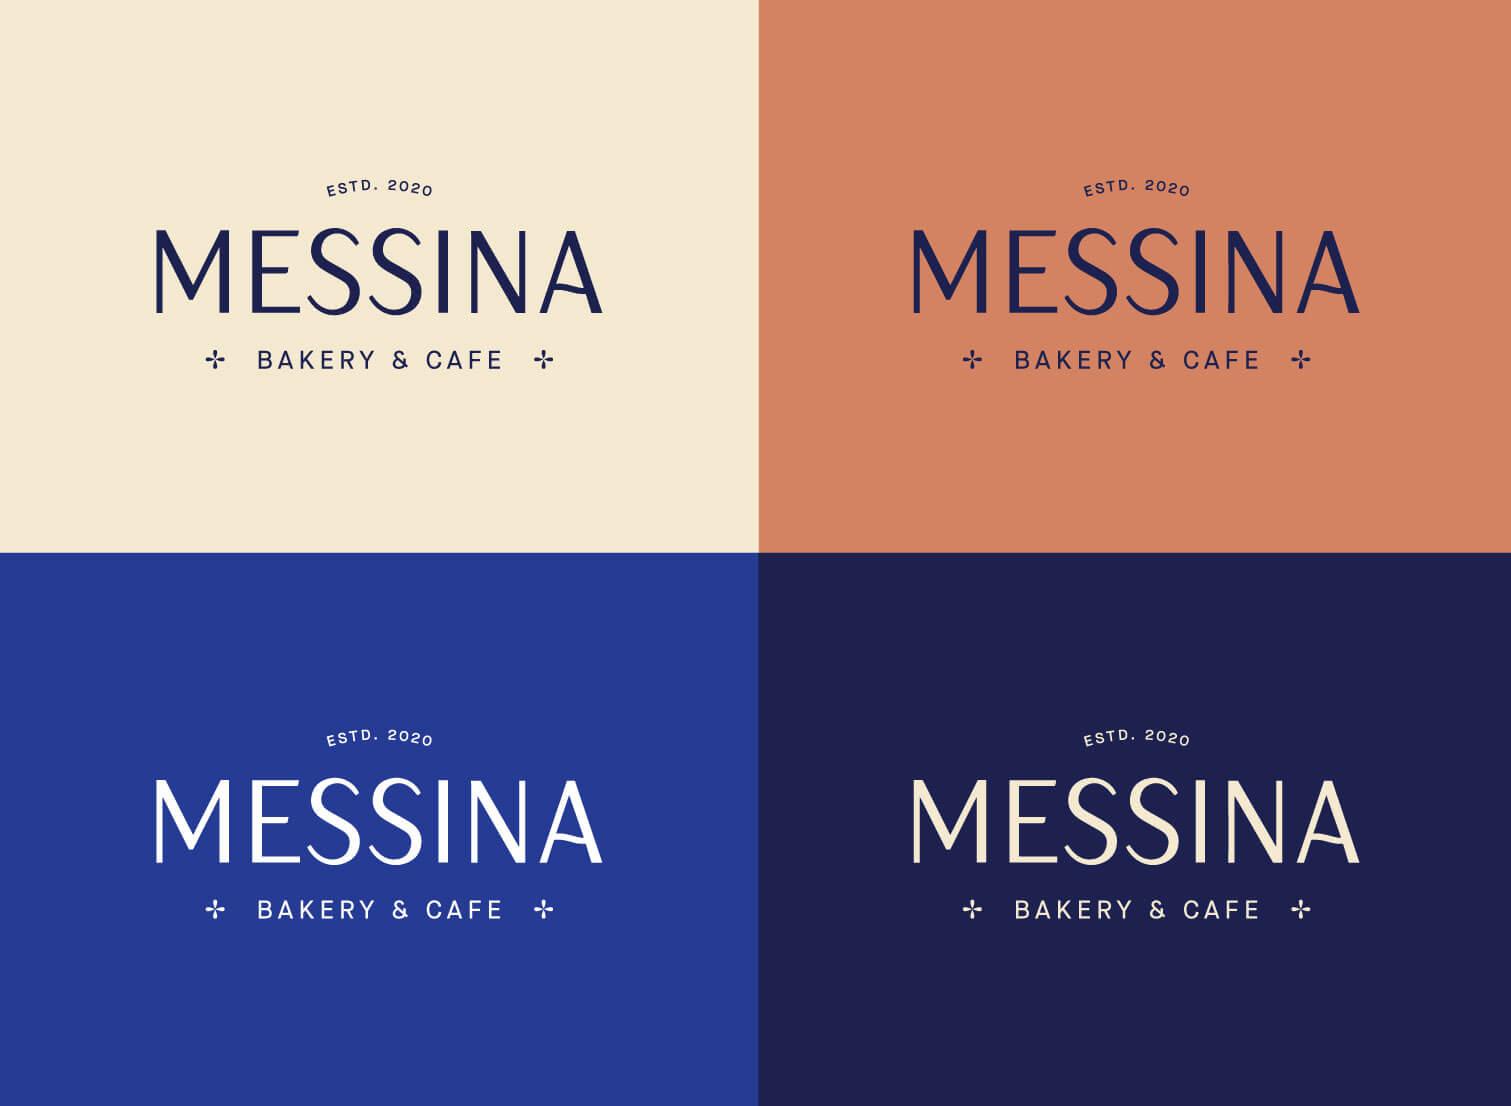 Messina Full Logo